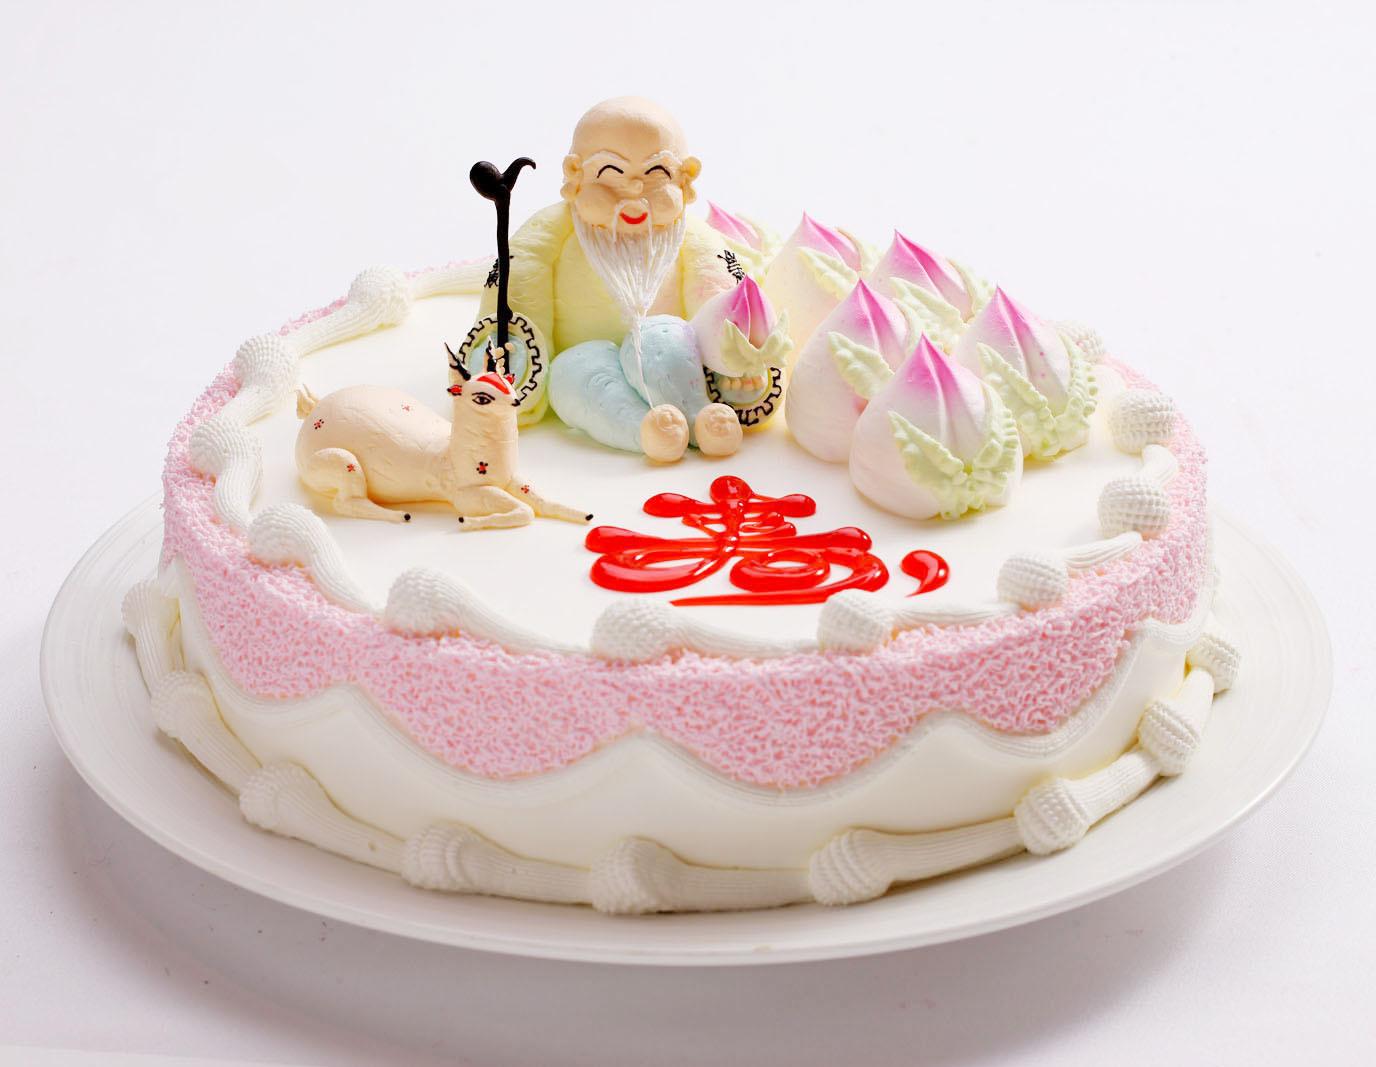 寿桃添福 贺寿蛋糕 天然奶油 味多美